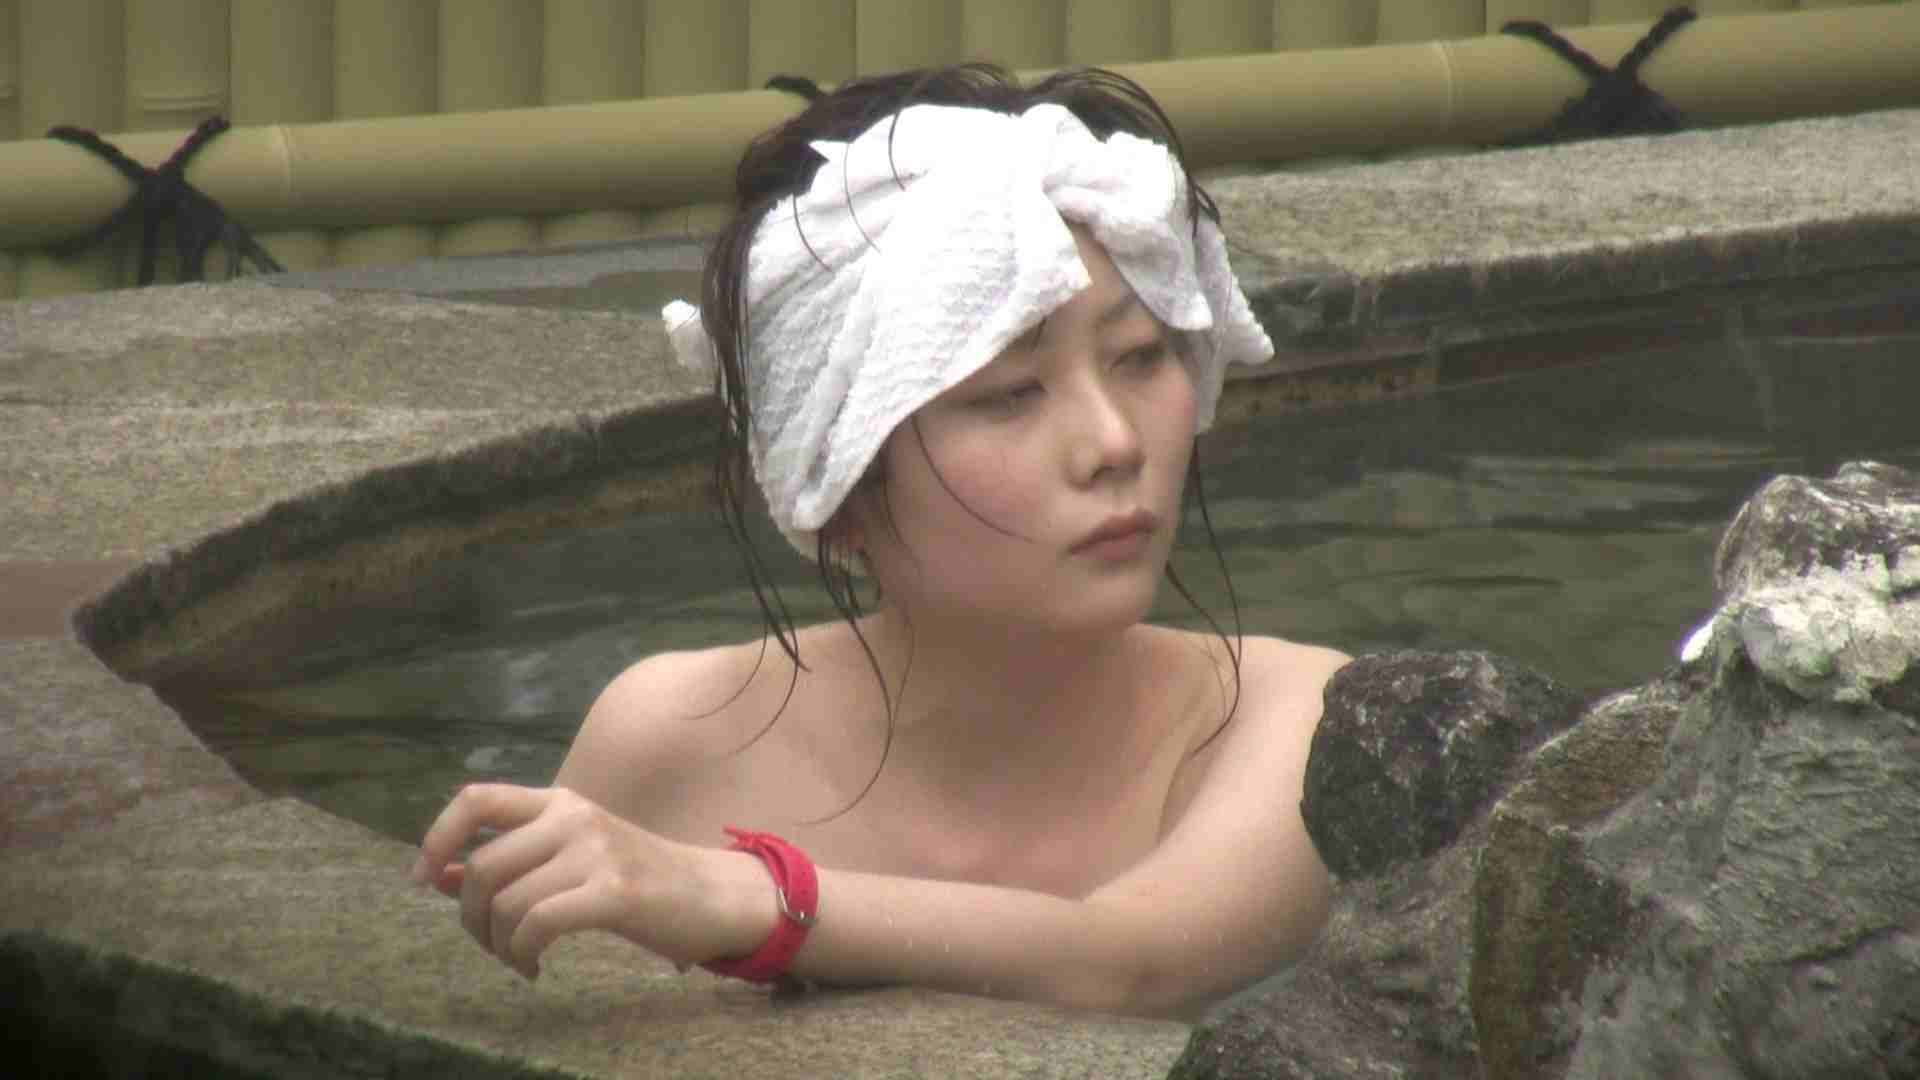 Aquaな露天風呂Vol.147 盗撮シリーズ  80PIX 28